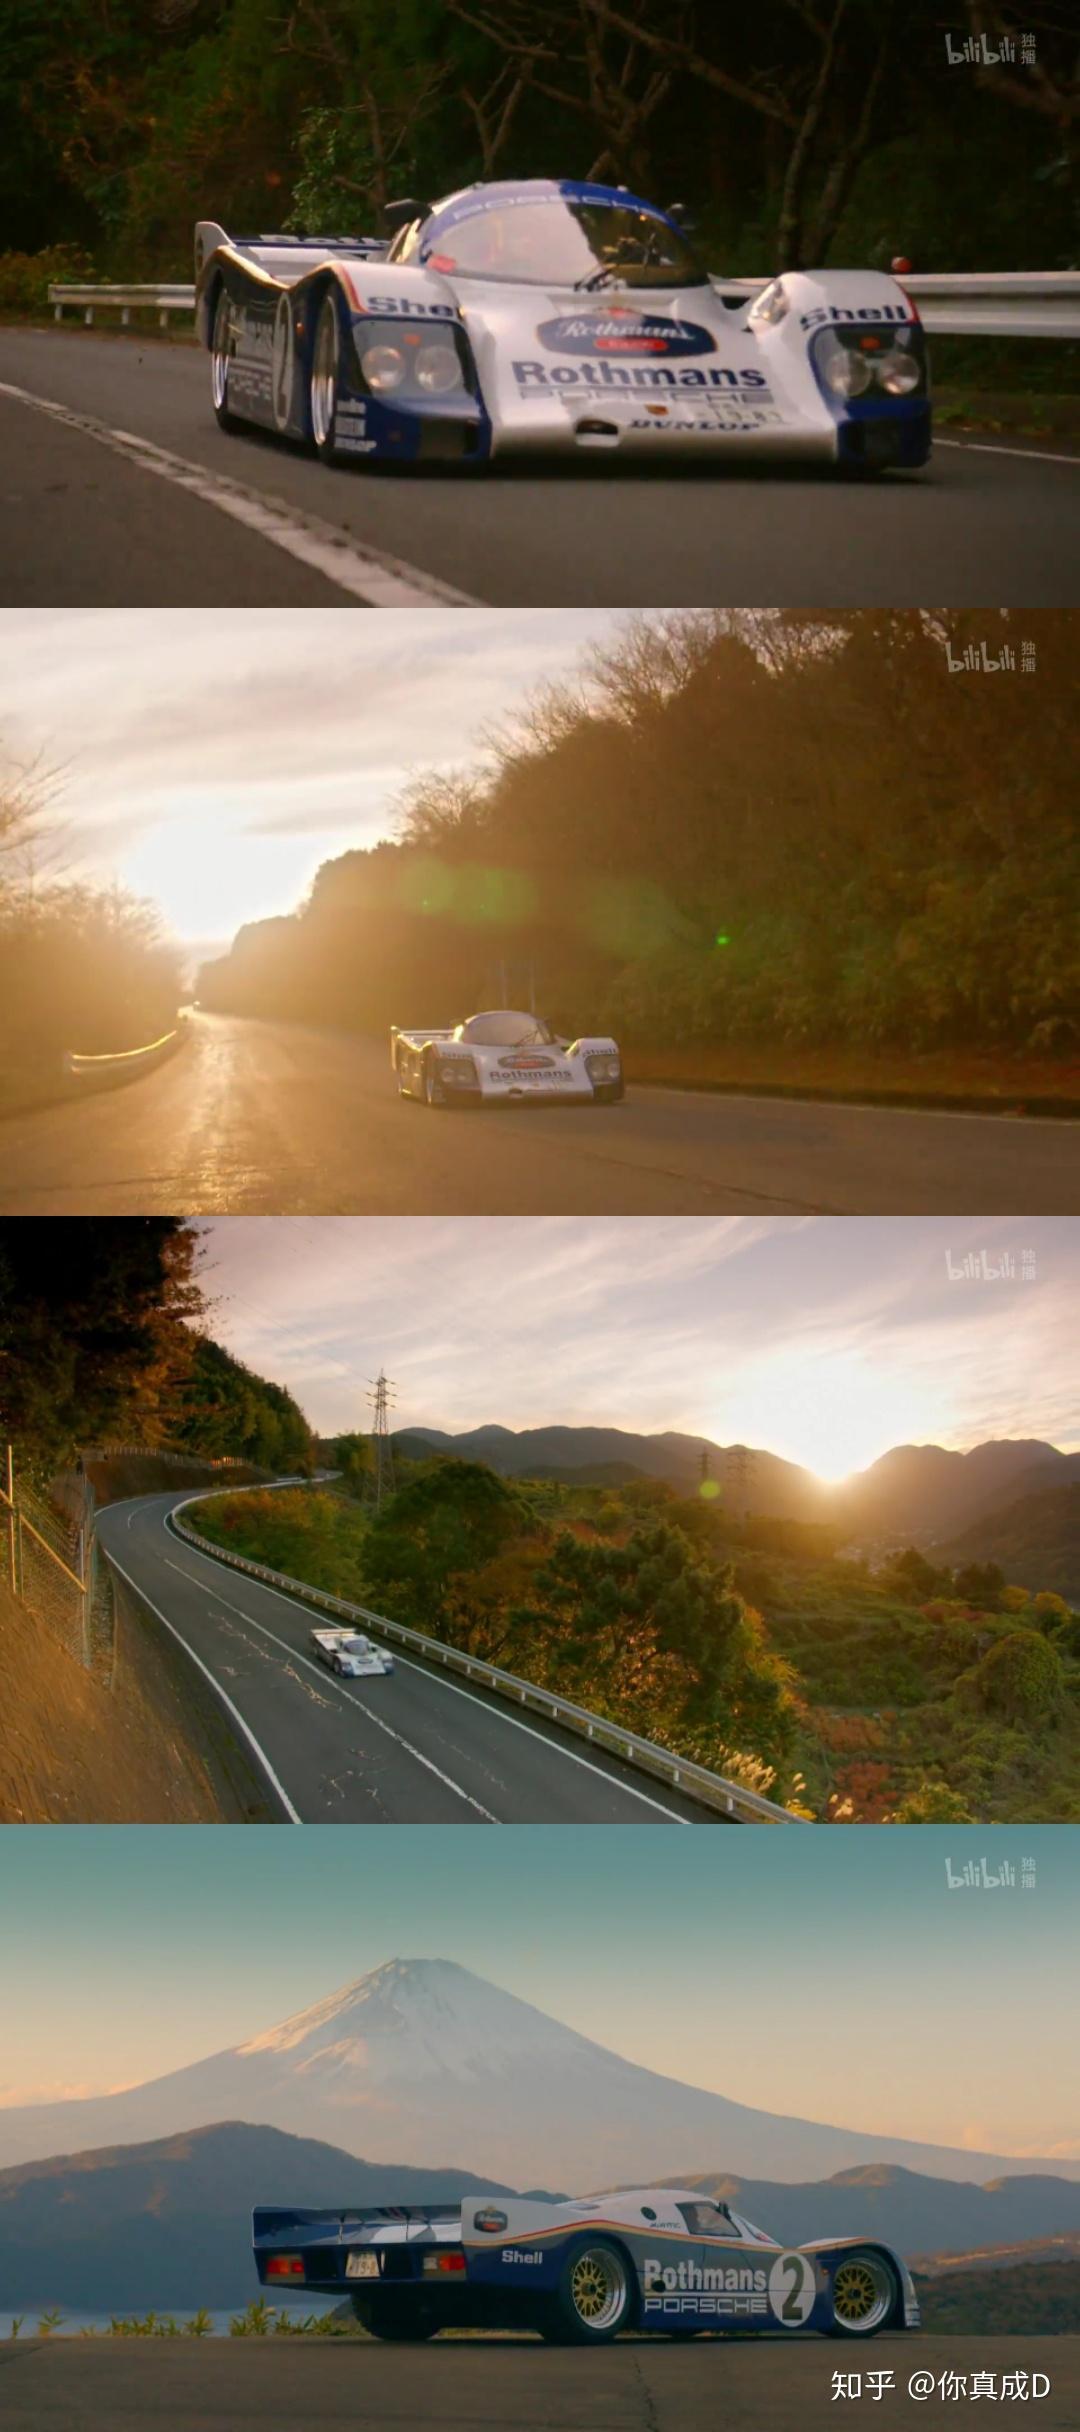 保时捷vs法拉利_Top Gear精彩剧情及看点目录 - 知乎